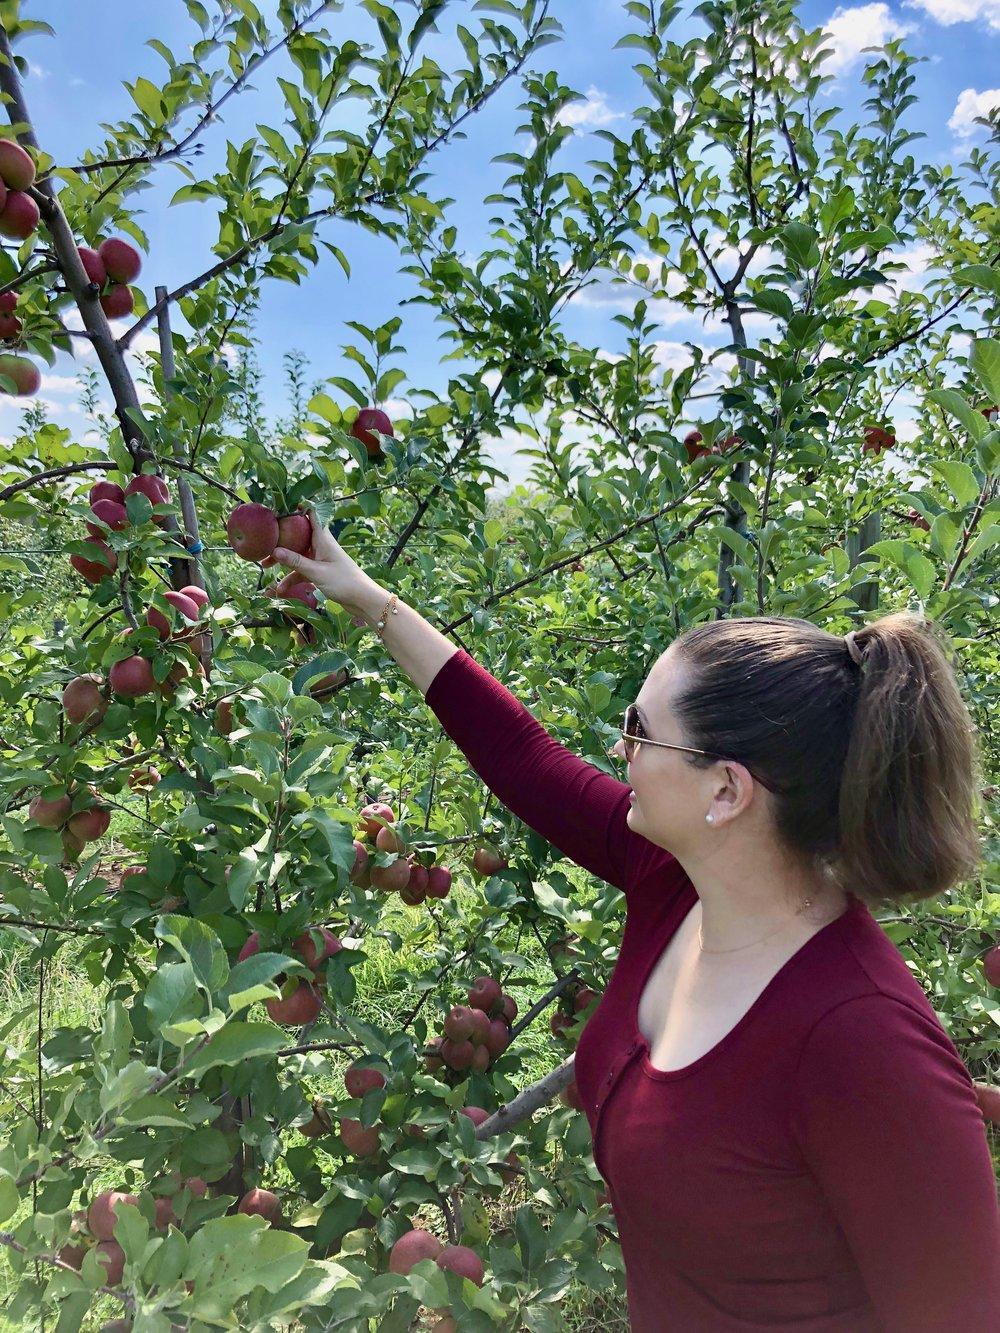 Apple Picking at Macintosh Fruit Farm